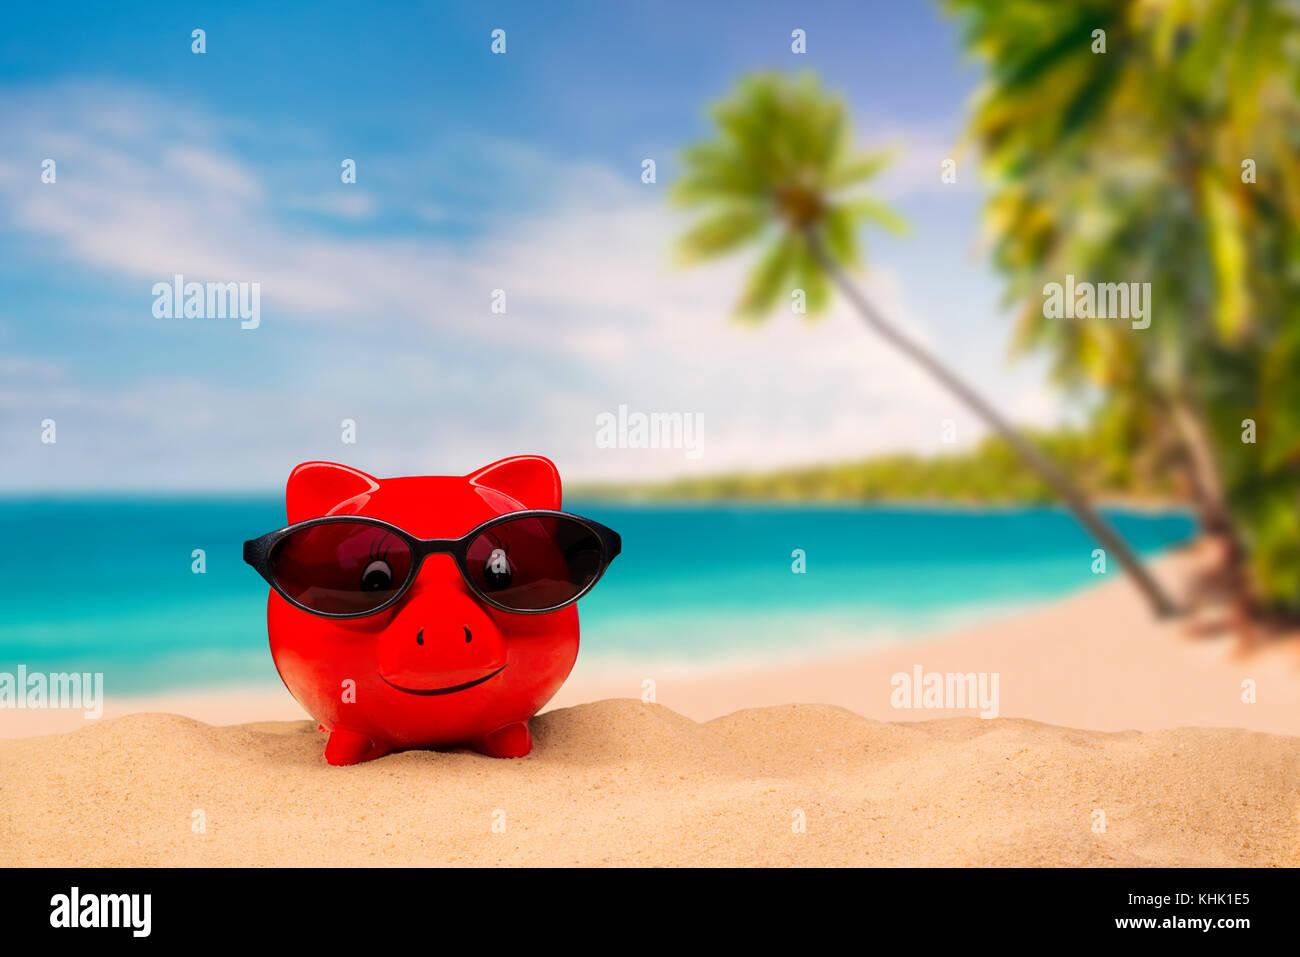 Rojo hucha con gafas de sol con una playa tropical en el fondo Imagen De Stock